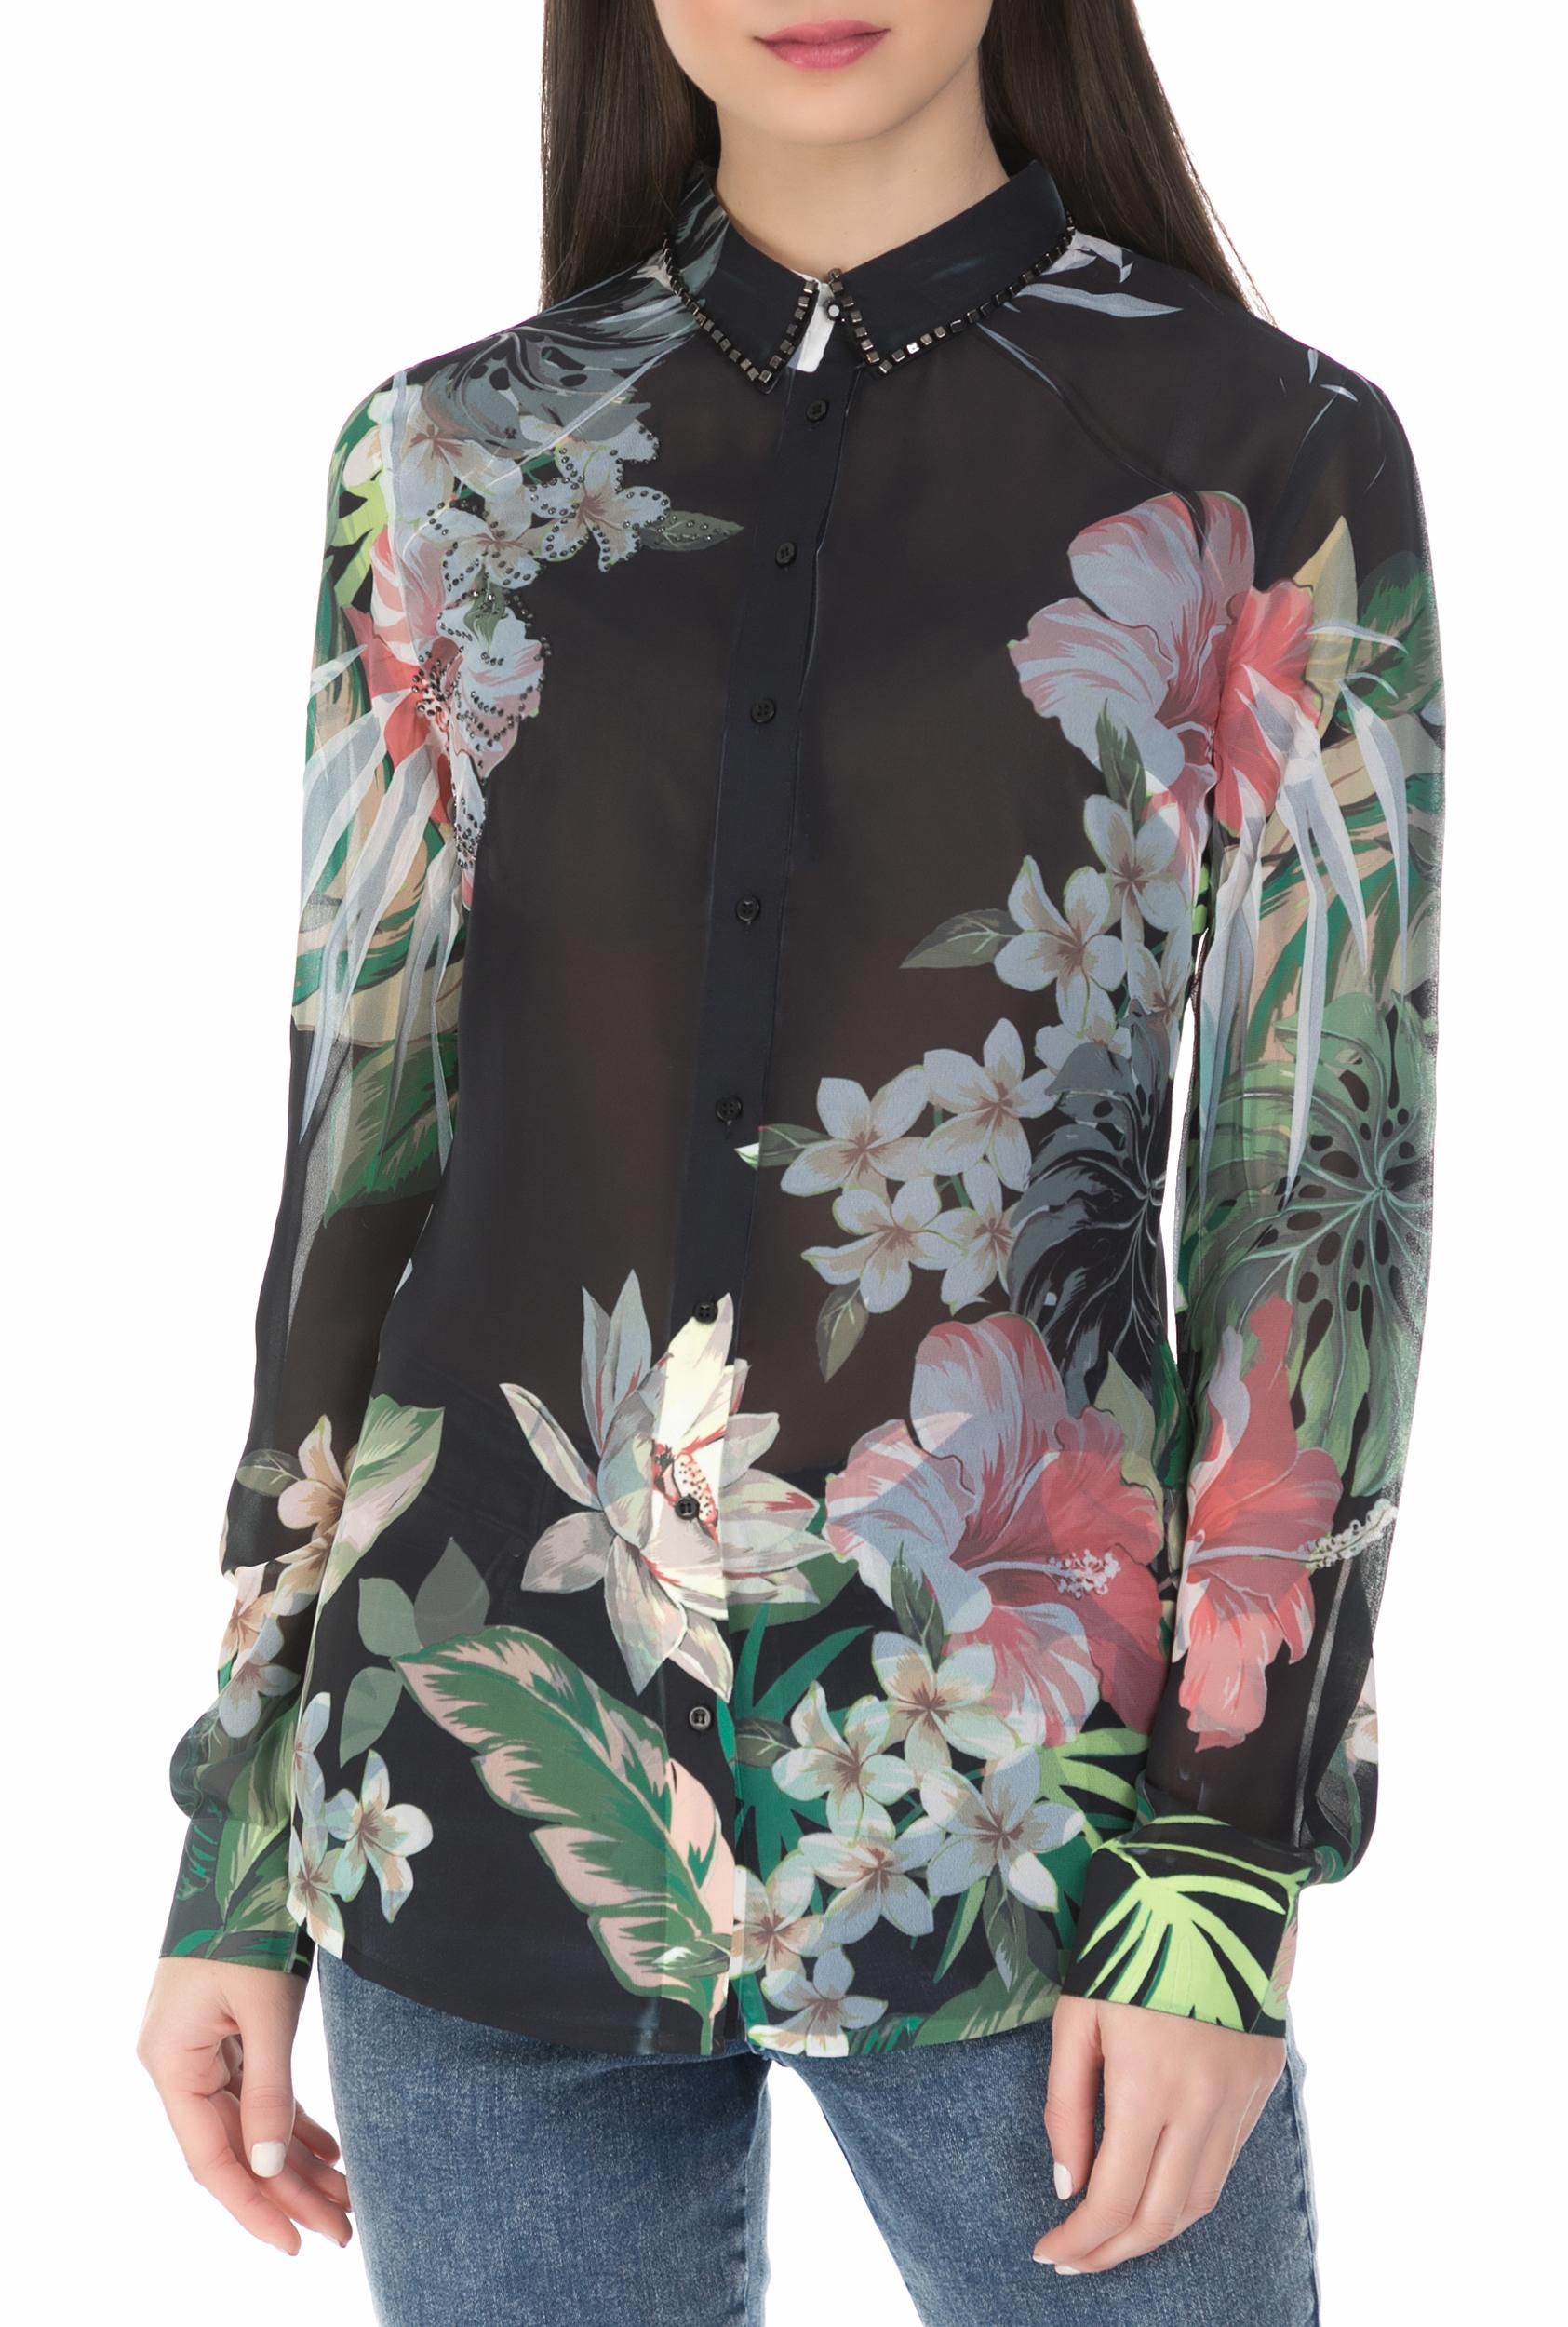 8239d3ebb45d CollectiveOnline GUESS - Γυανικείο μακρυμάνικο φλοράλ πουκάμισο Guess μαύρο